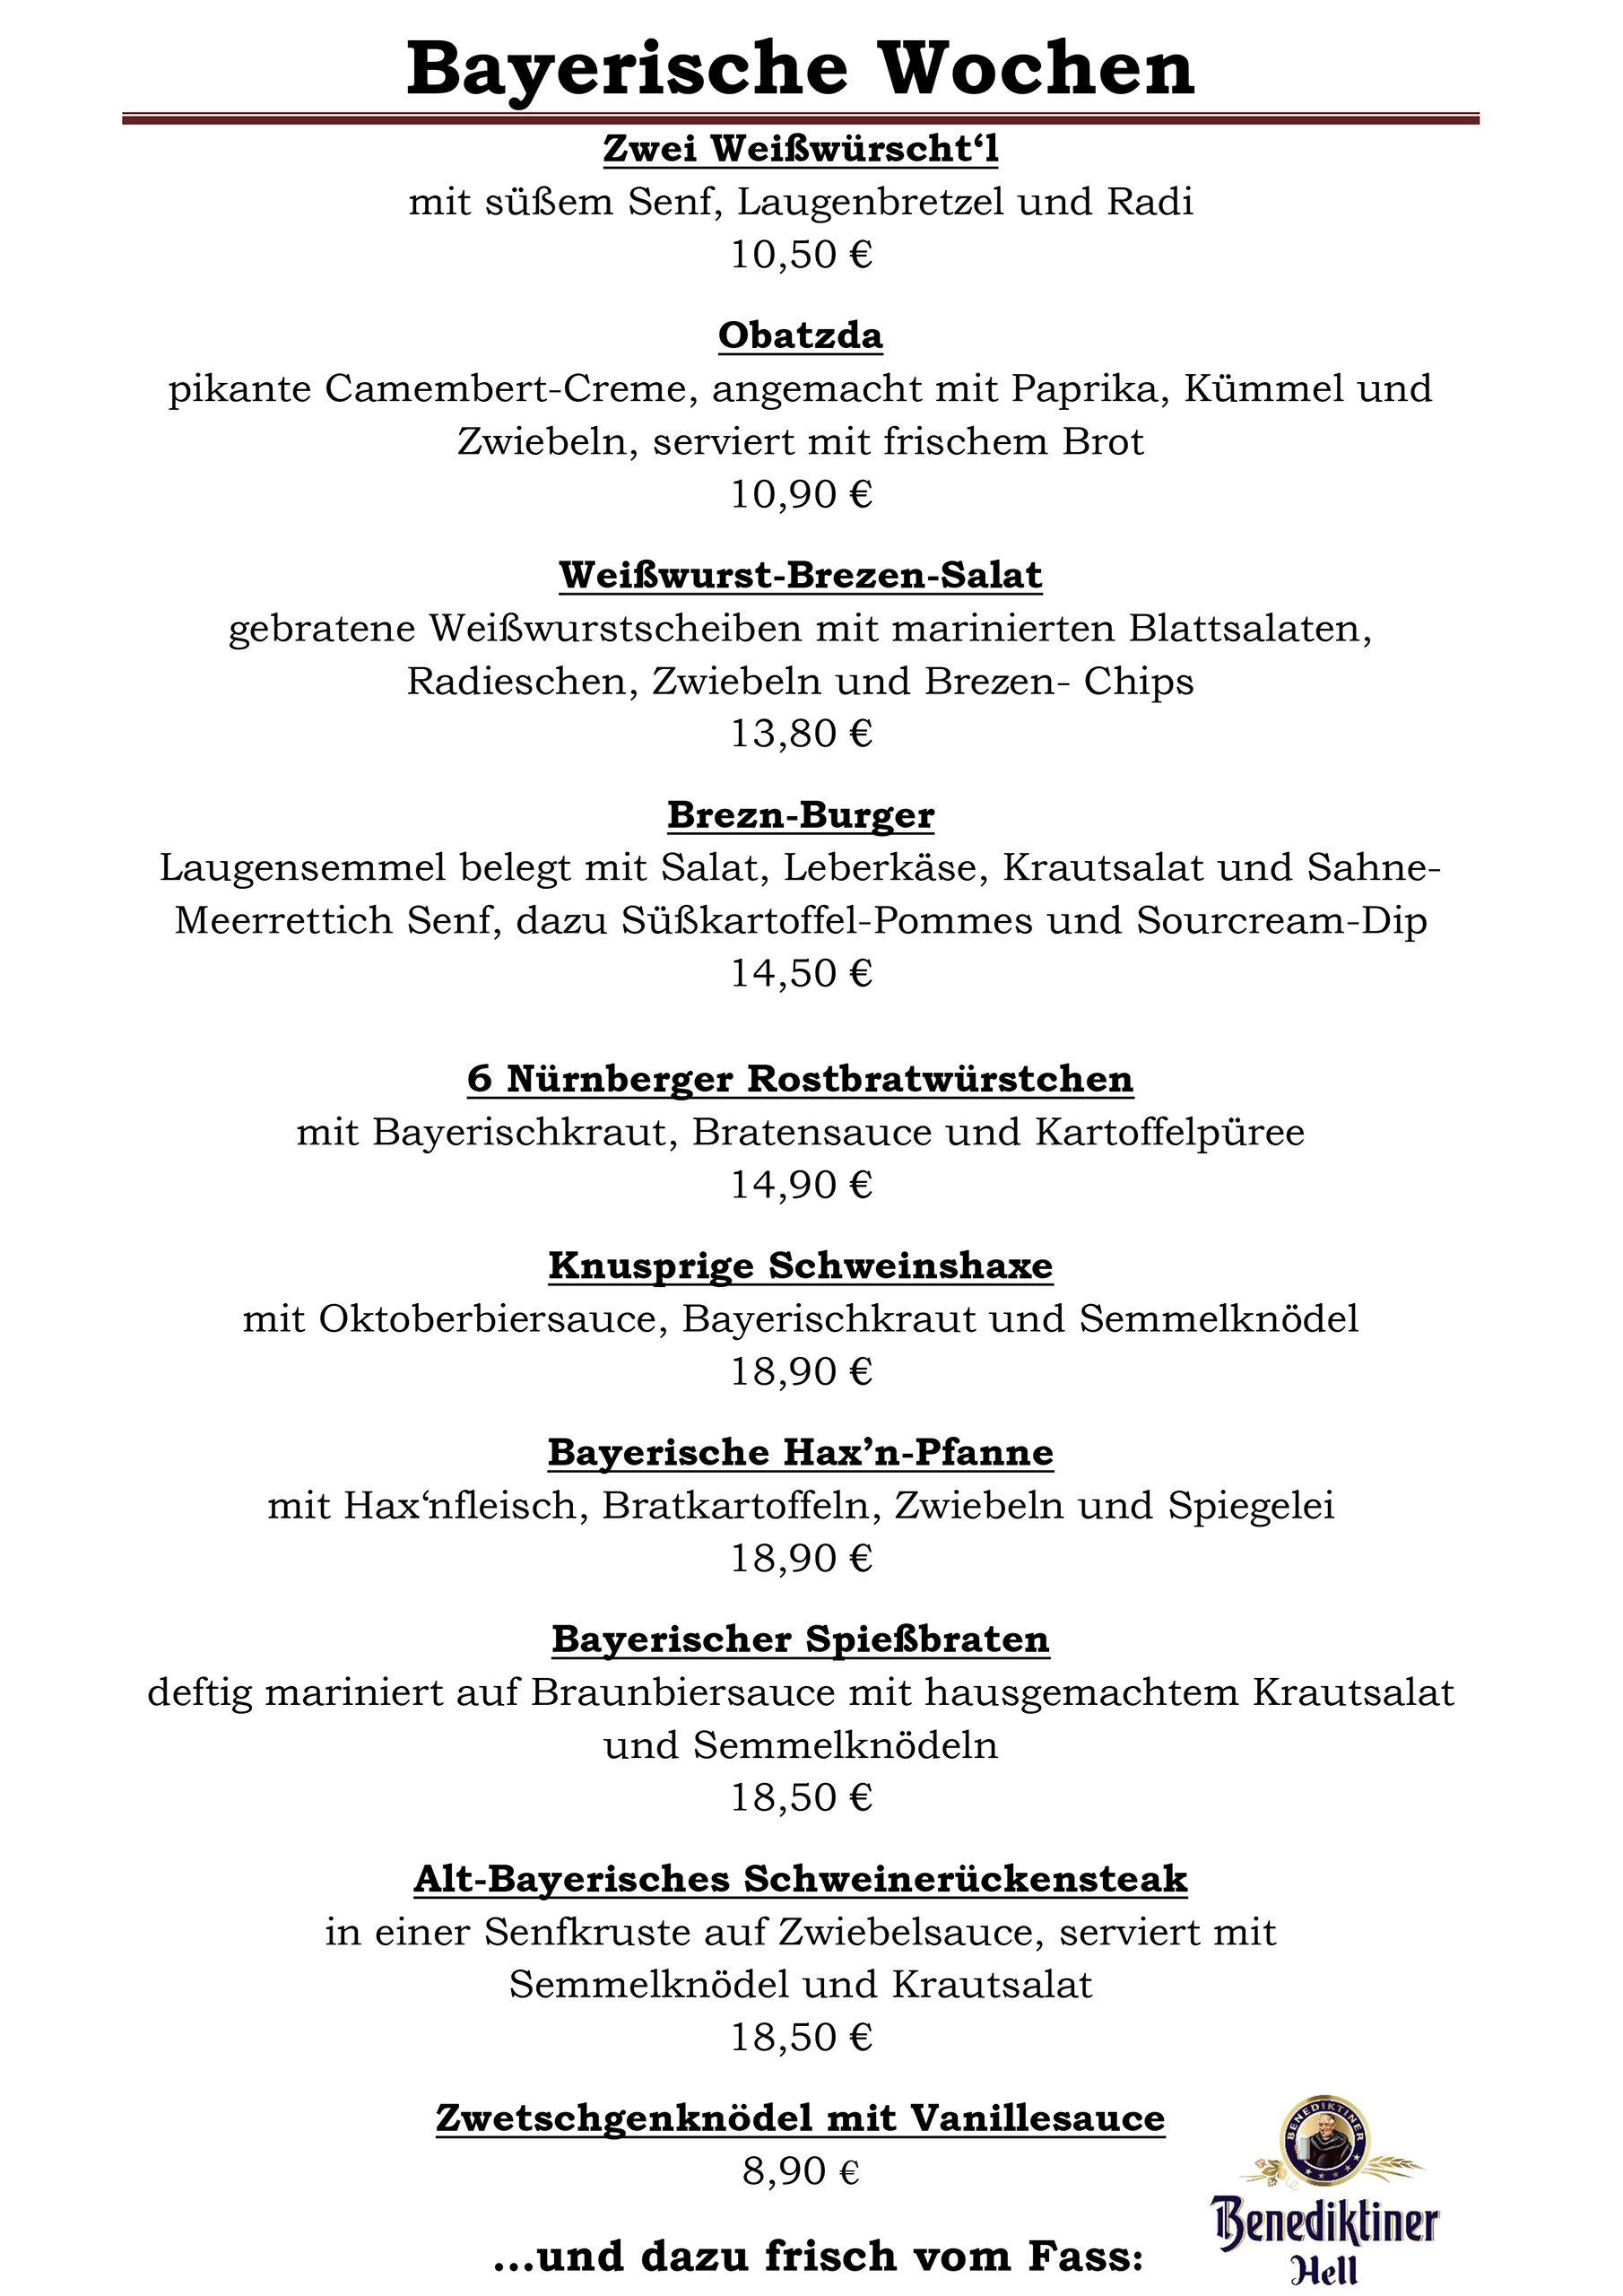 bayerische-wochen-2021